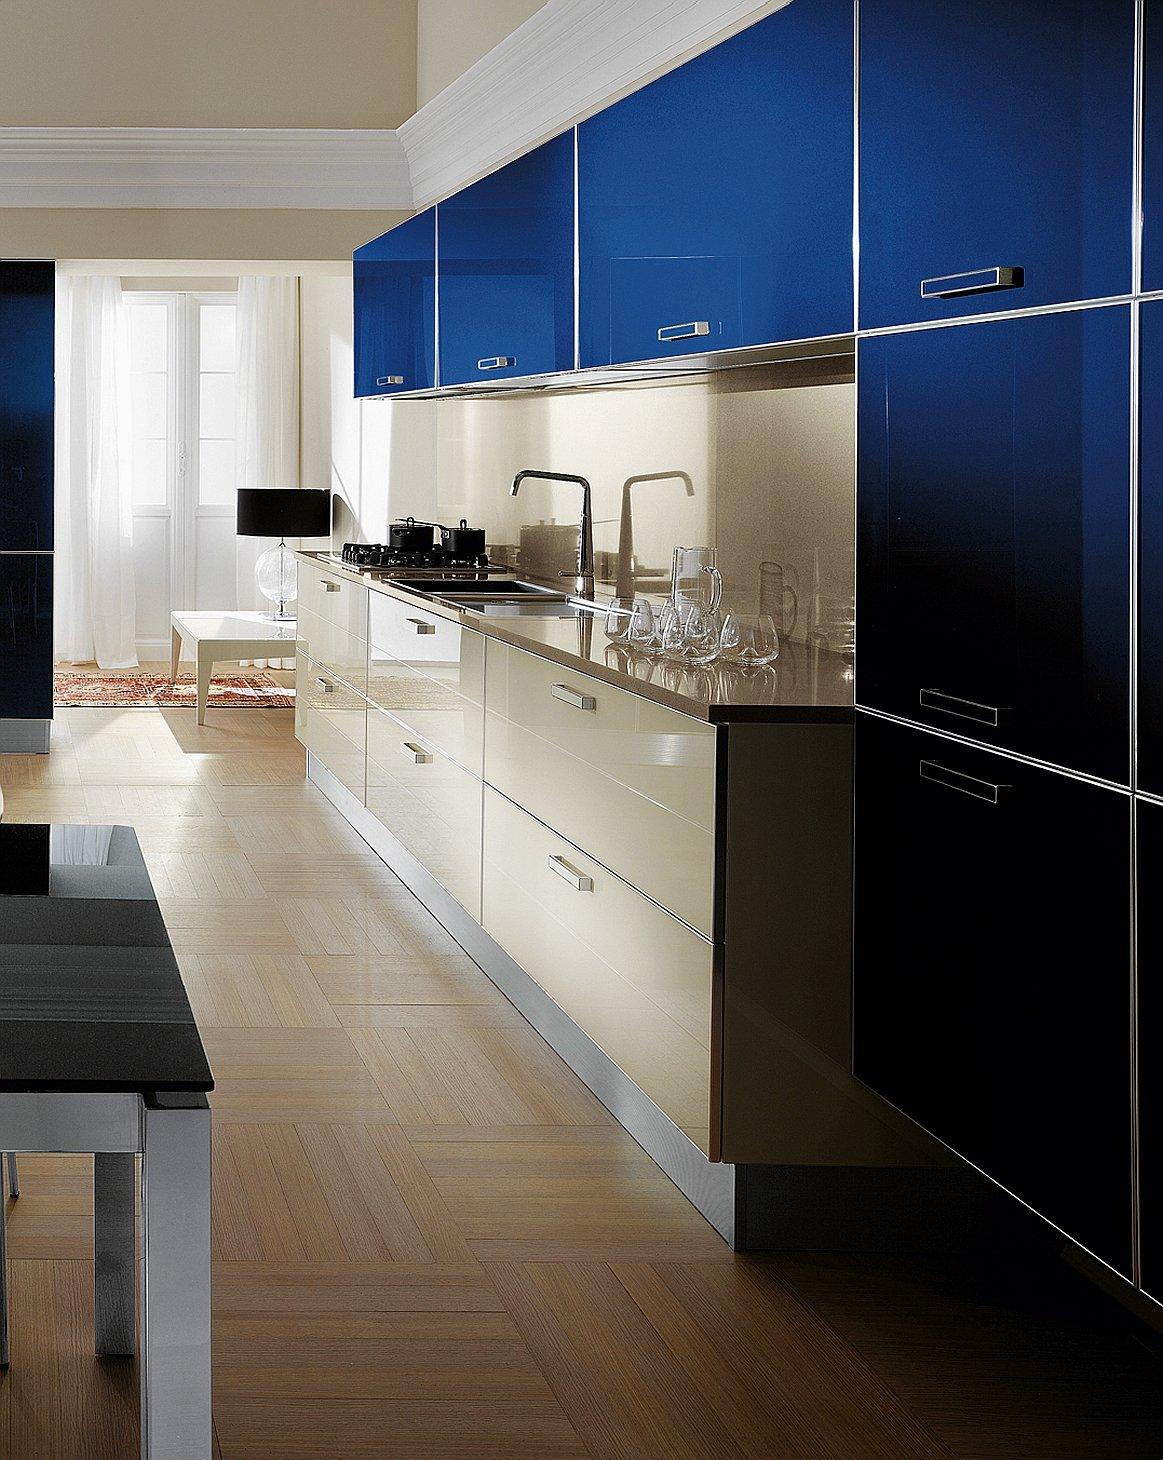 Scavolini crystal cucina cose di casa - Casa scavolini ...